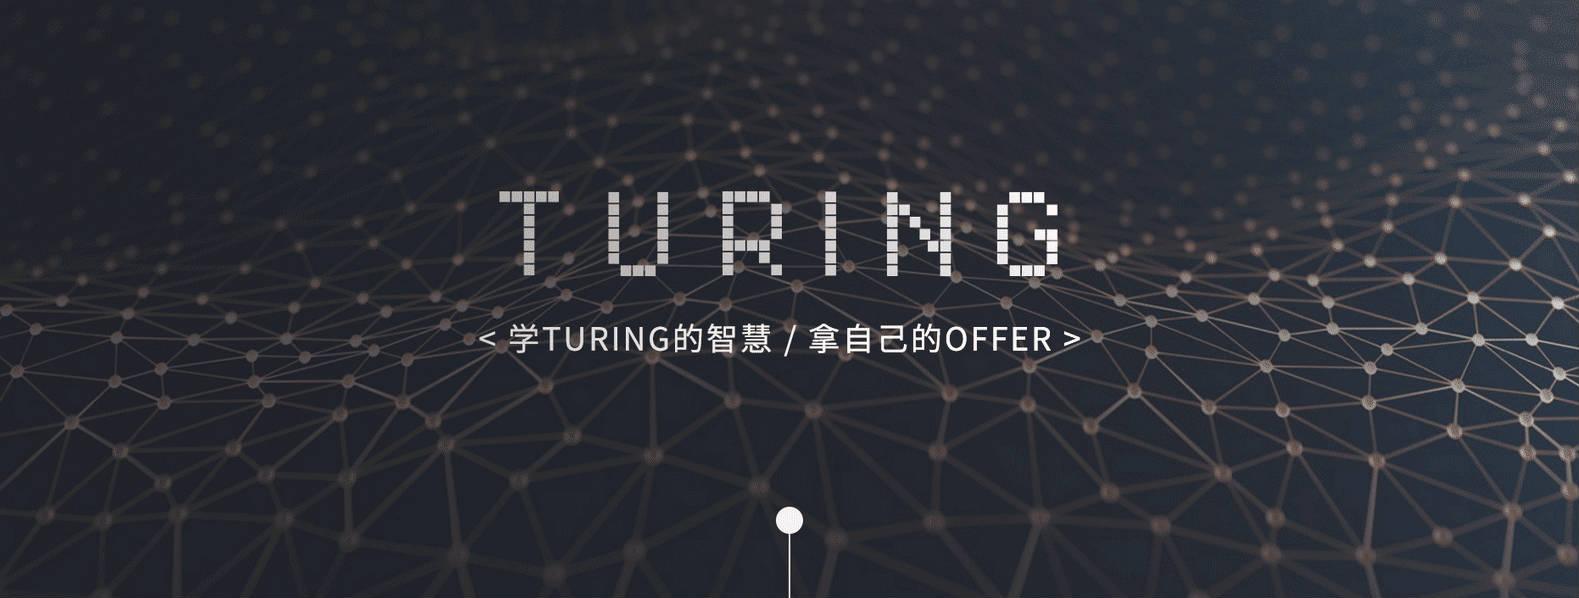 新技术和产品新闻发布会如何制作认准中盈科创(北京)管理咨询有限公司品牌